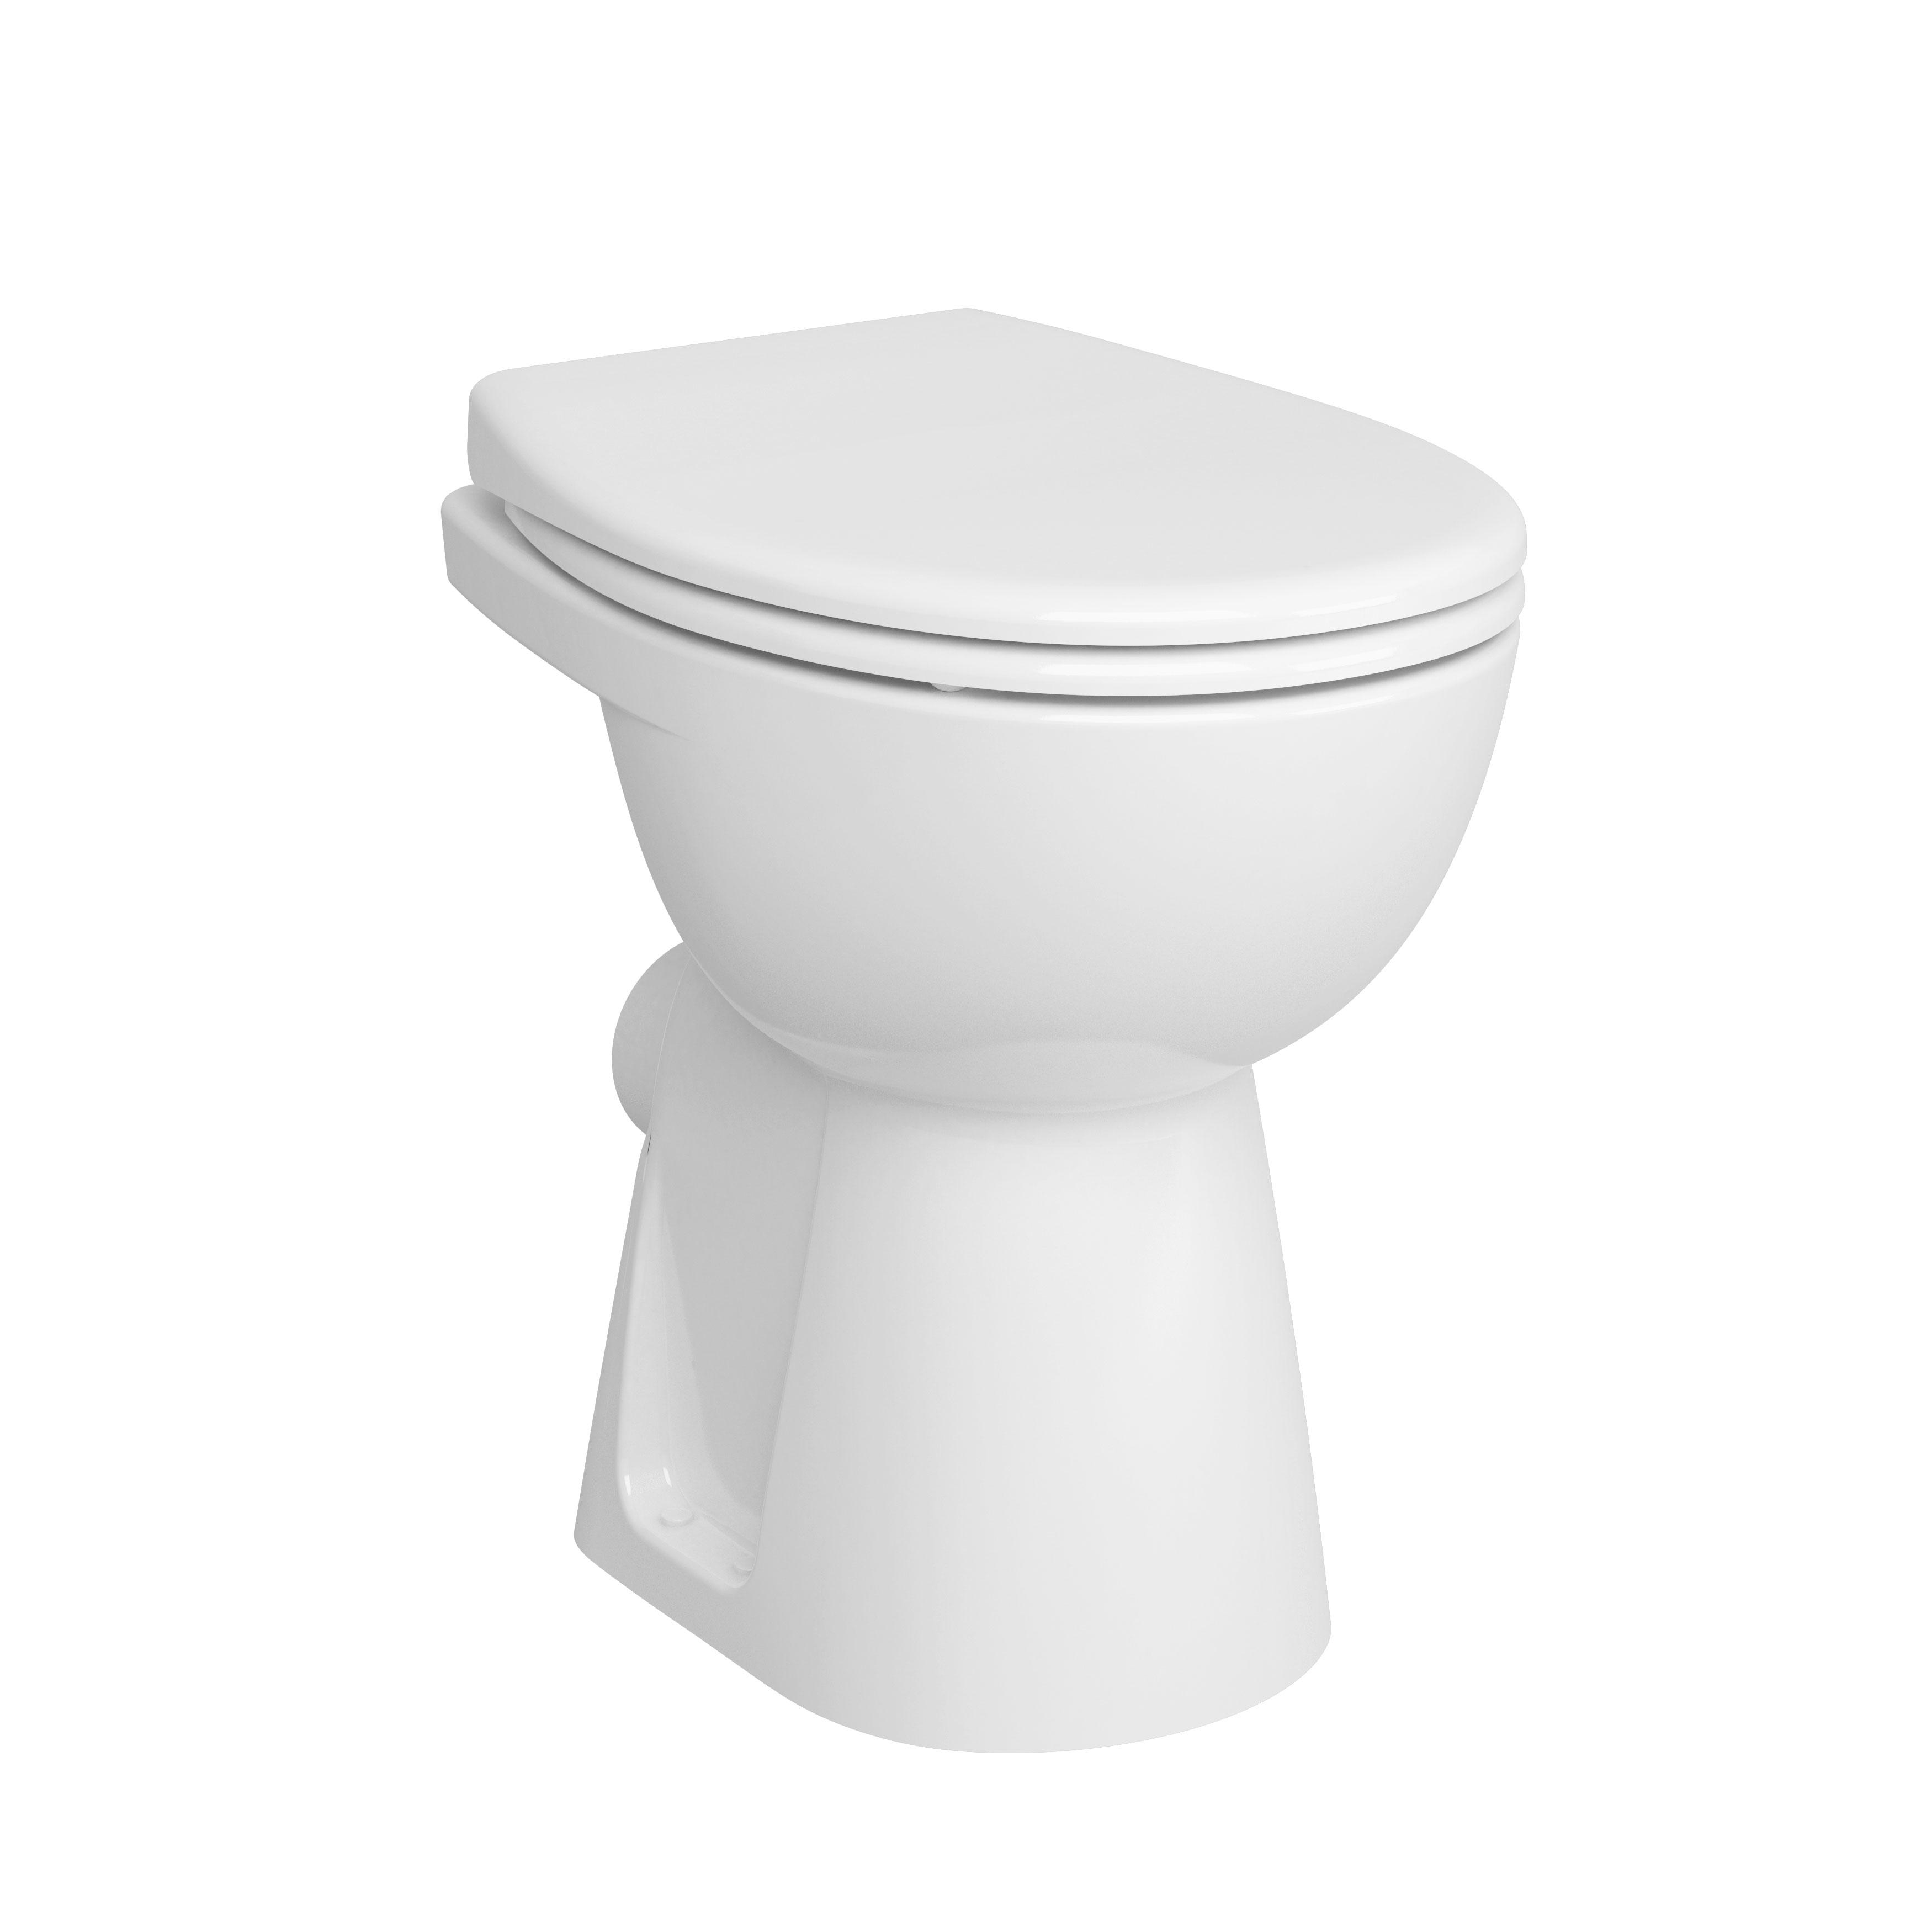 Conforma WC à poser PMR sans bride, blanc